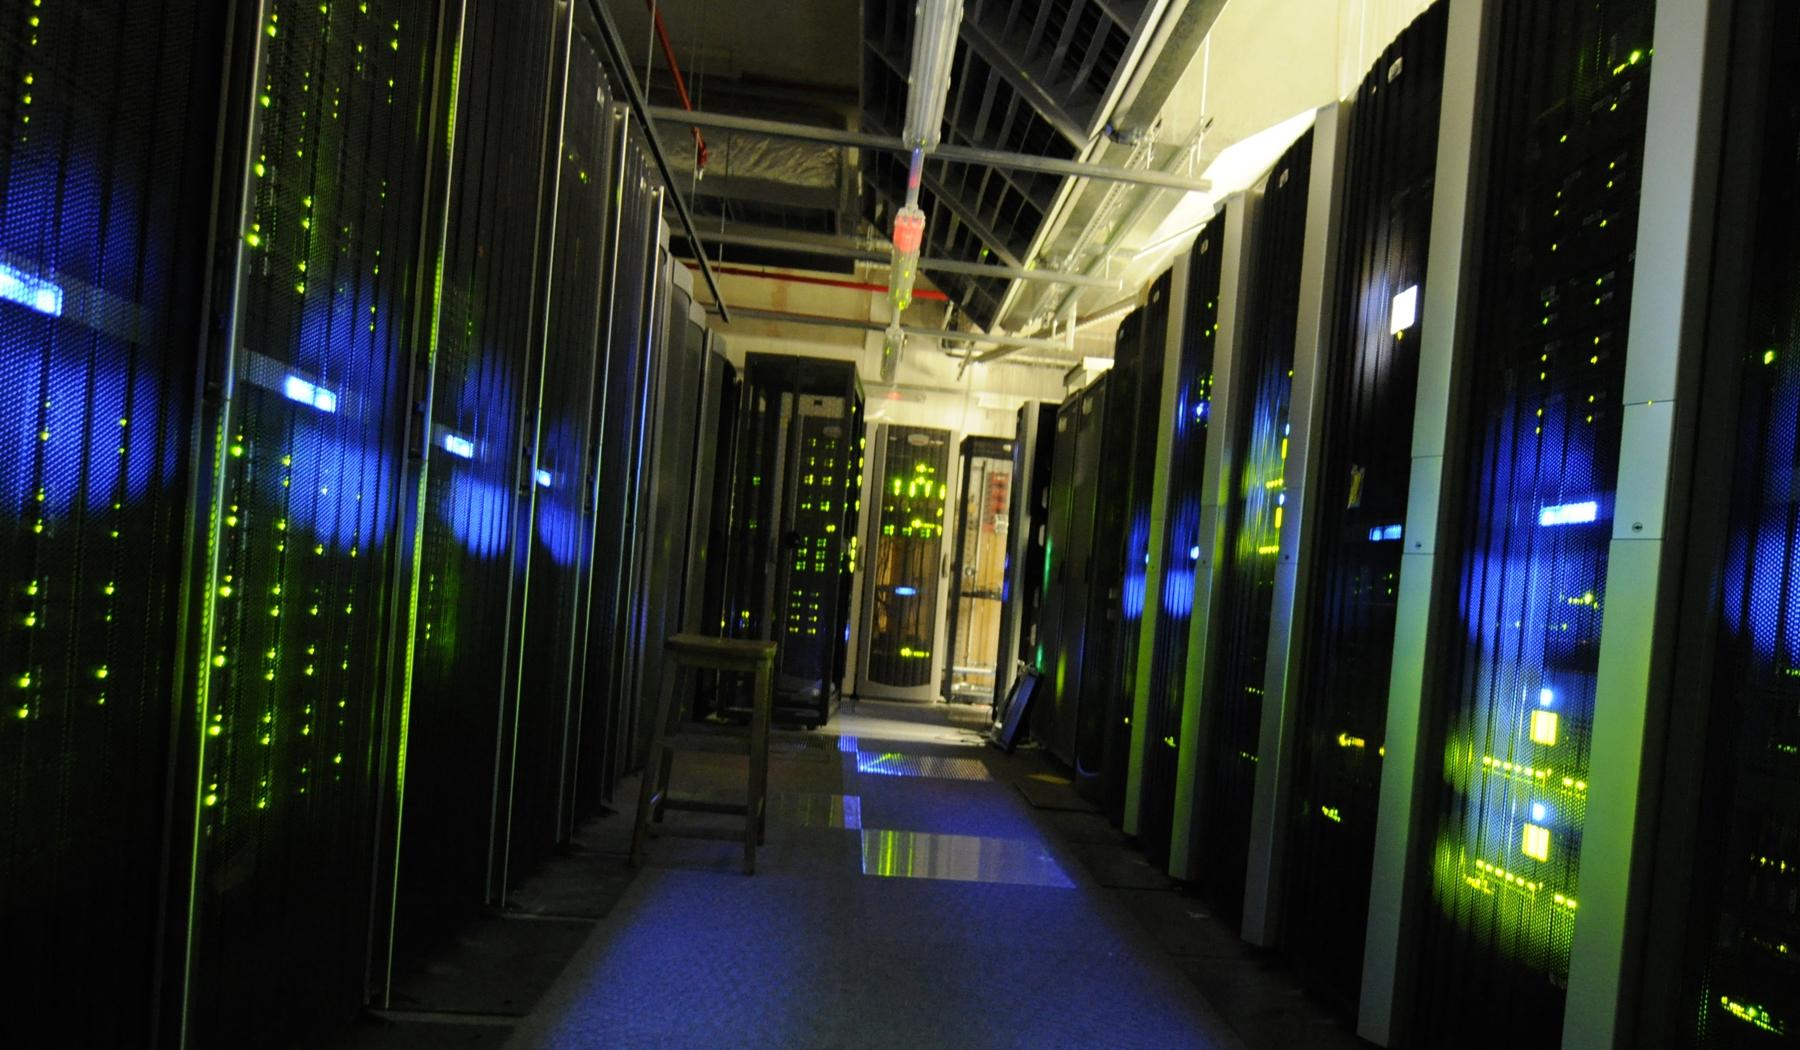 Palestra: Data Warehousing e Big Data, tendências e oportunidades